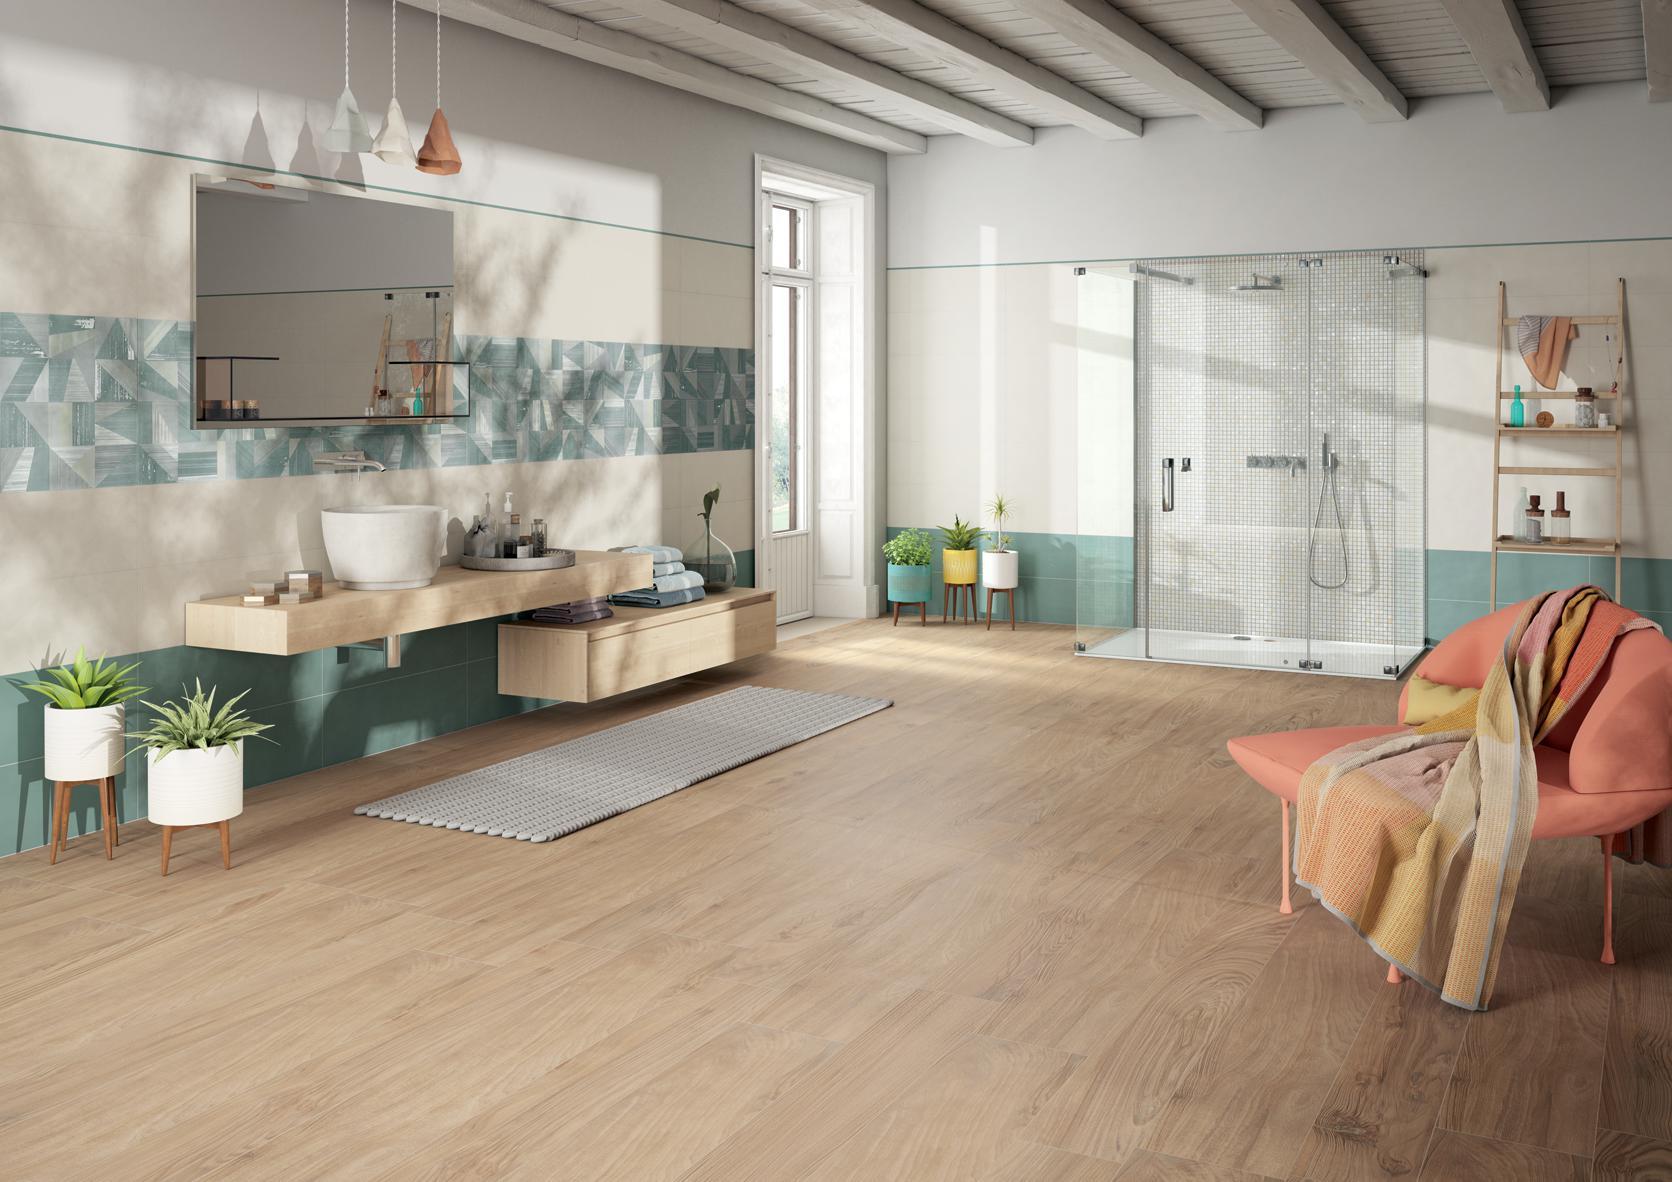 Pavimenti e rivestimenti per il tuo bagno armonie ceramiche - Piastrelle bagno legno ...